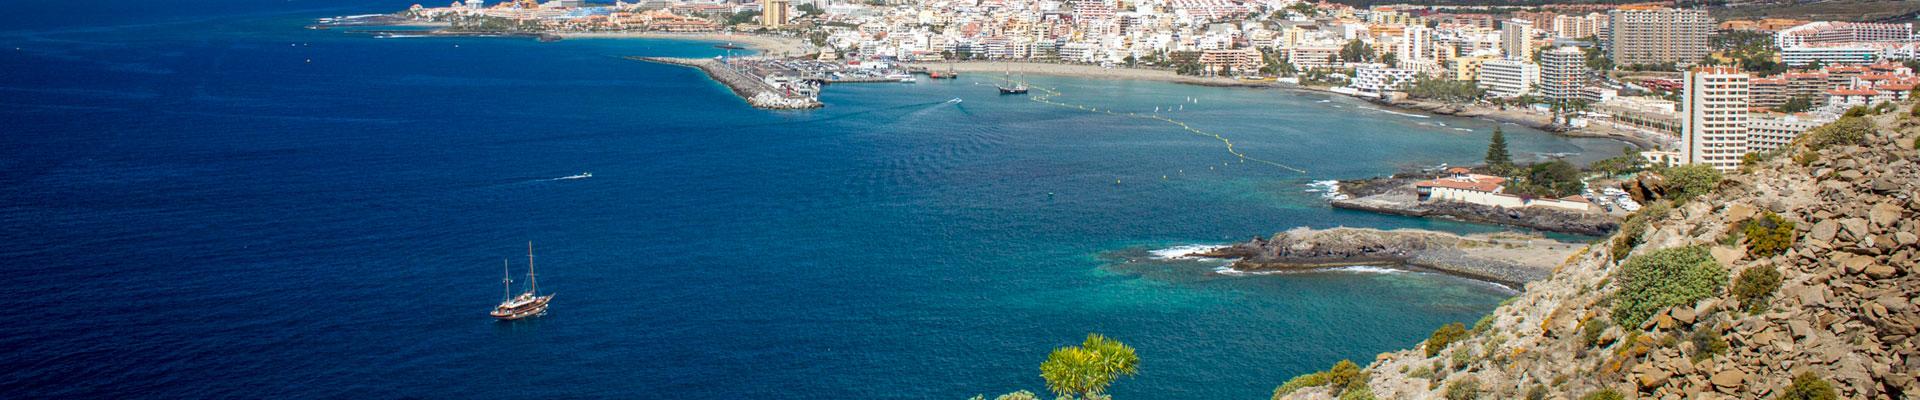 Curso de bolsa en Tenerife